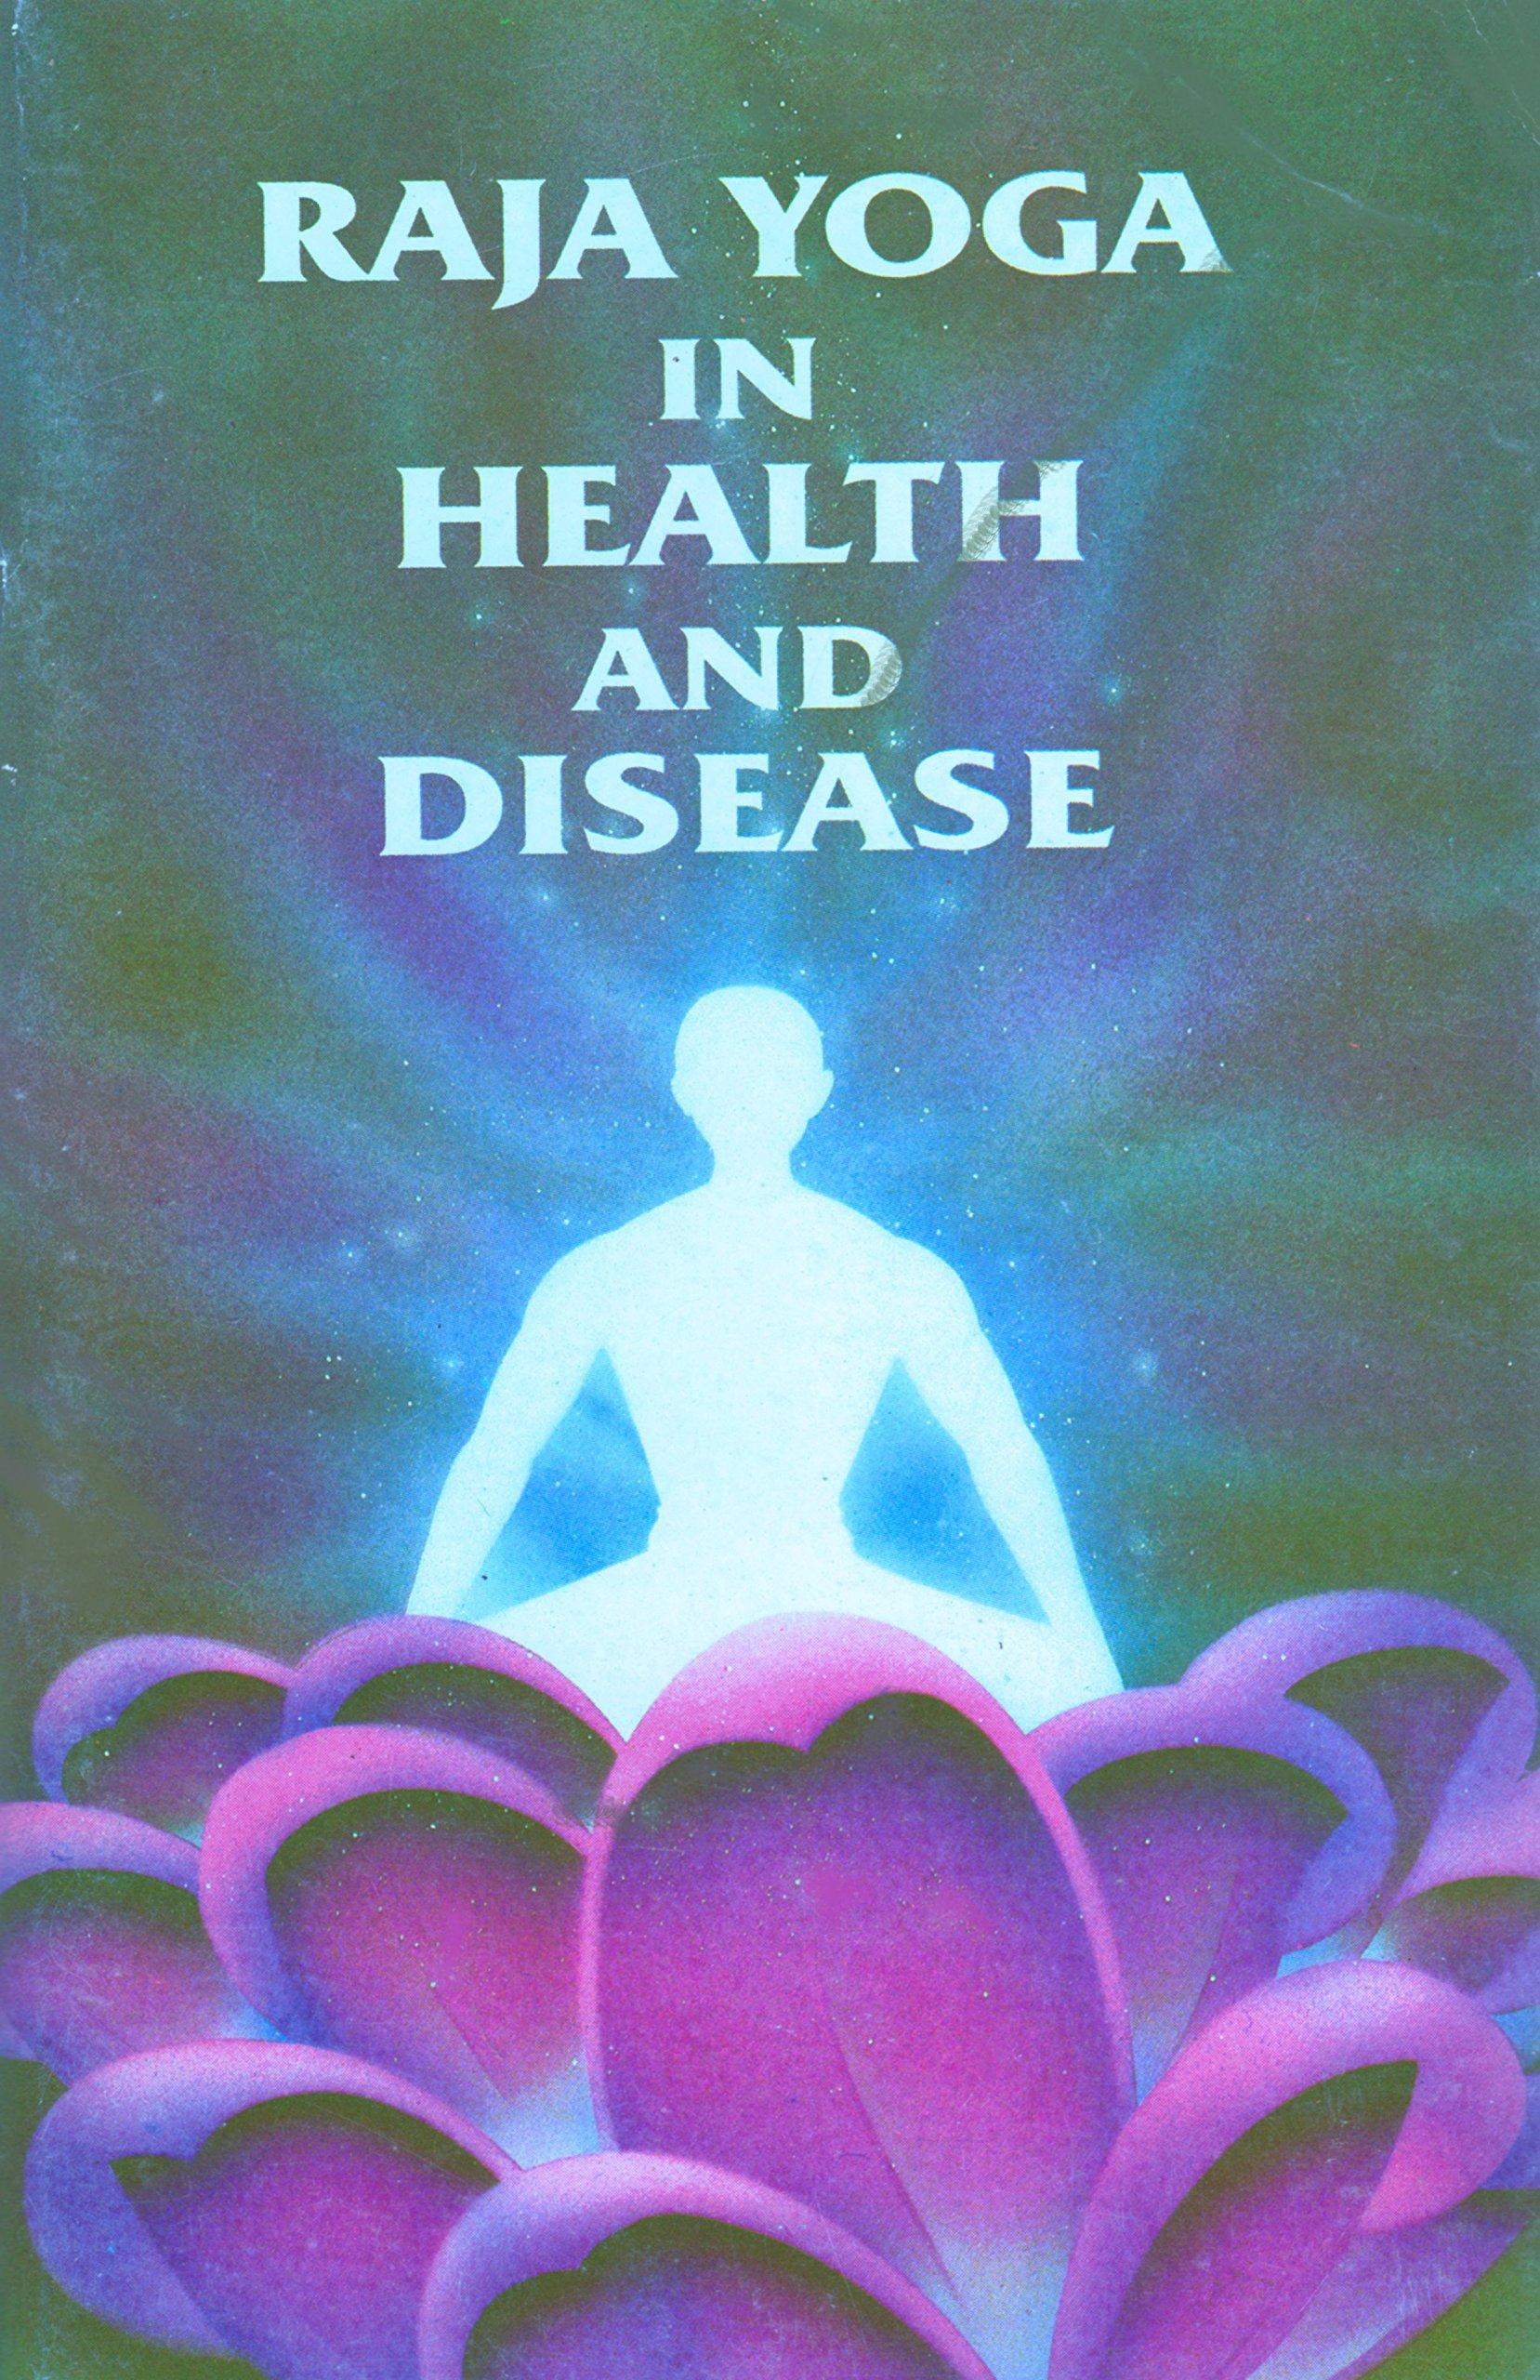 Raja Yoga in Health and Disease: Girish Patel: Amazon.com: Books